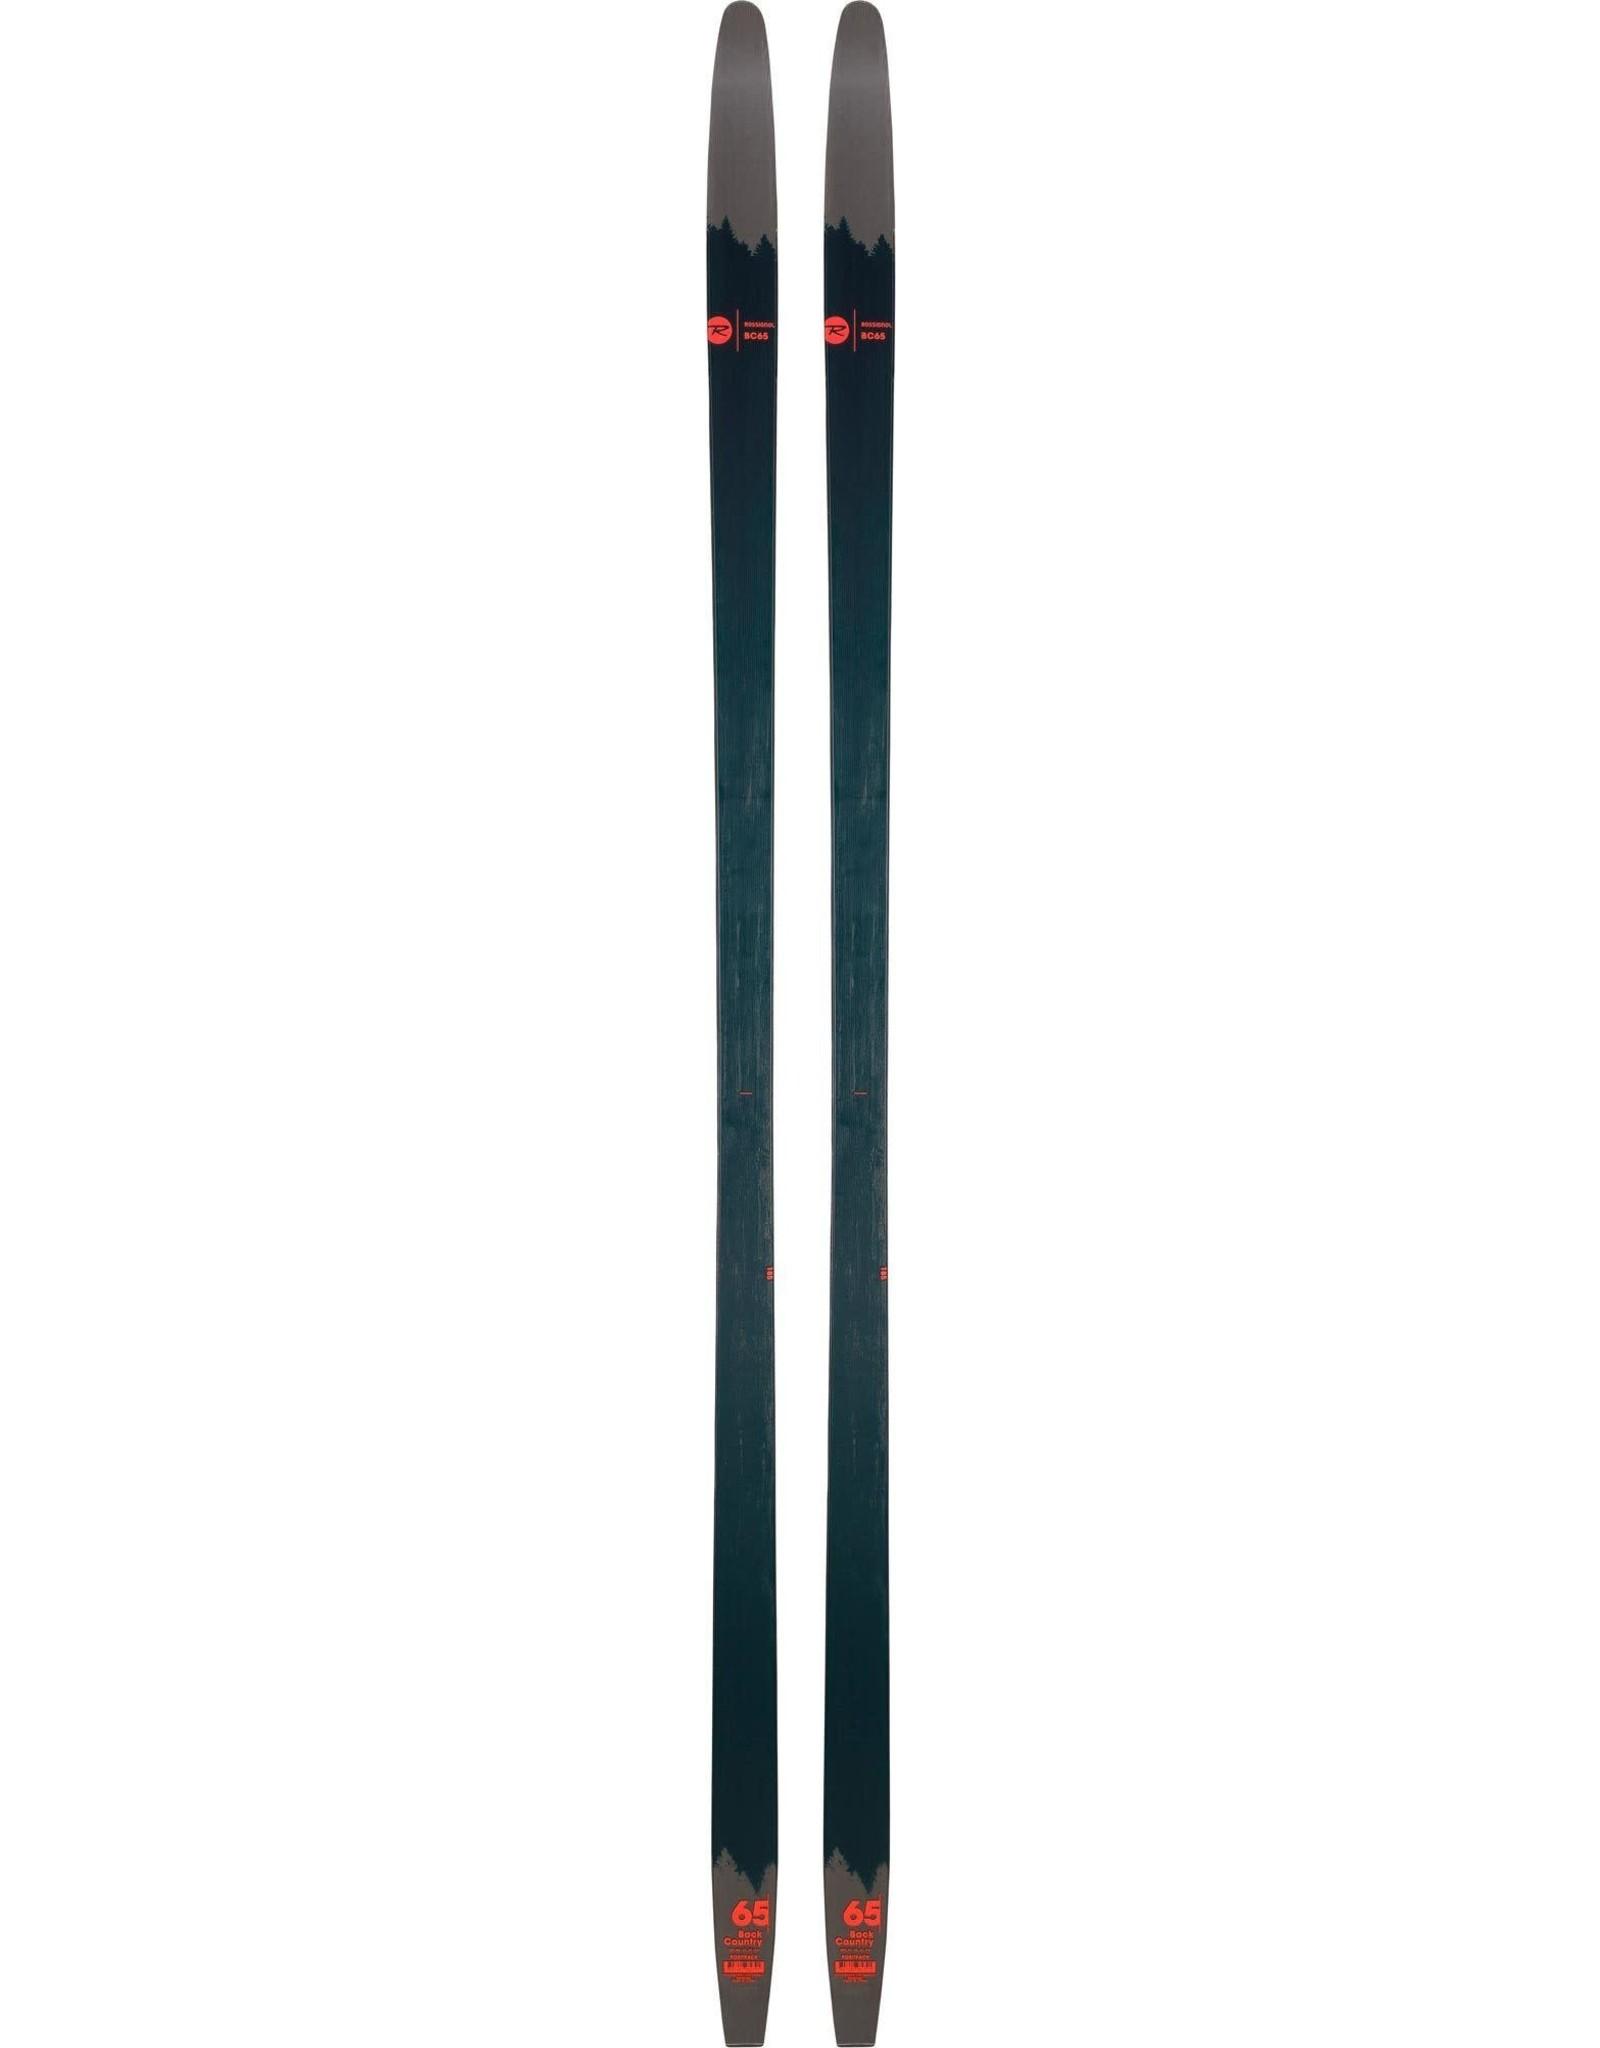 ROSSIGNOL ROSSIGNOL BC 65 POSITRACK nordic ski